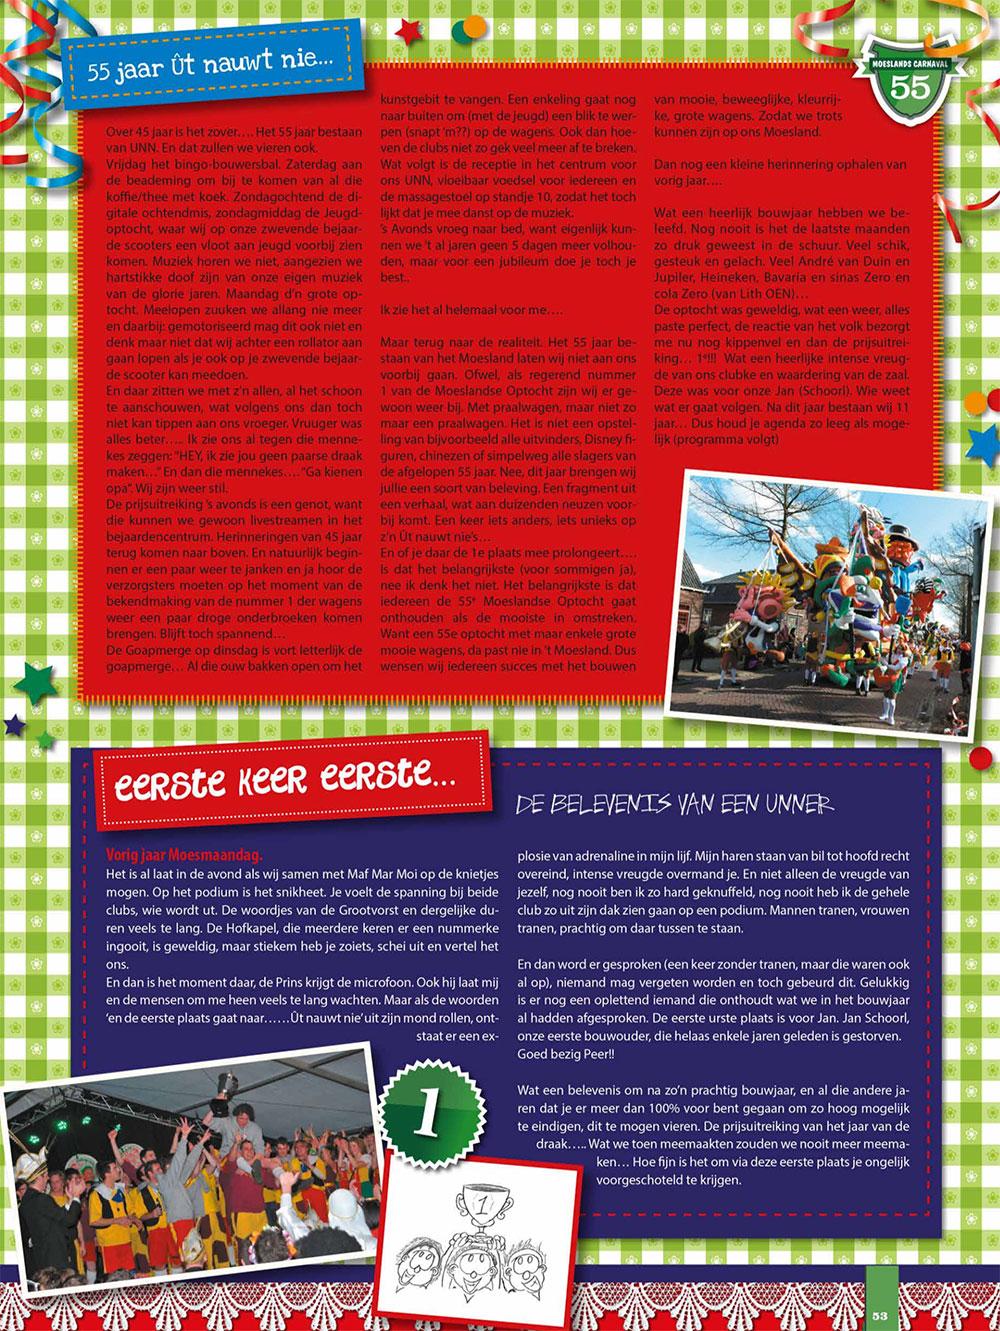 Stukje Ut Nauwt Nie in de carnavalskrant van 2013